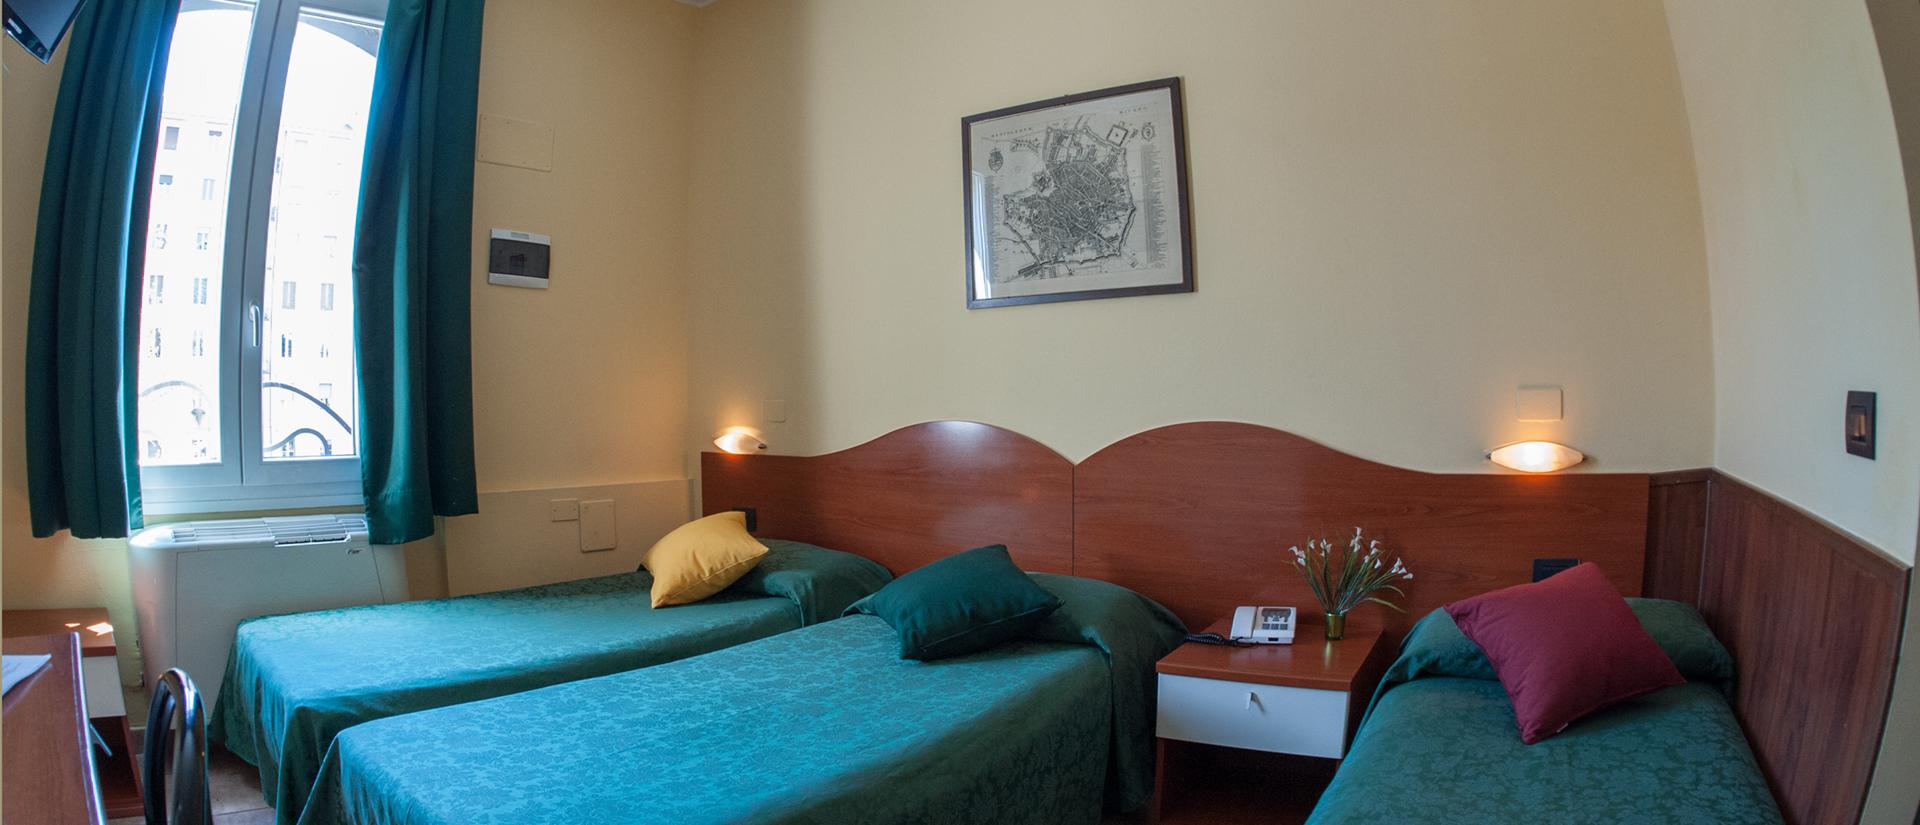 hotel-the-best-centrale-camera-tripla-milano